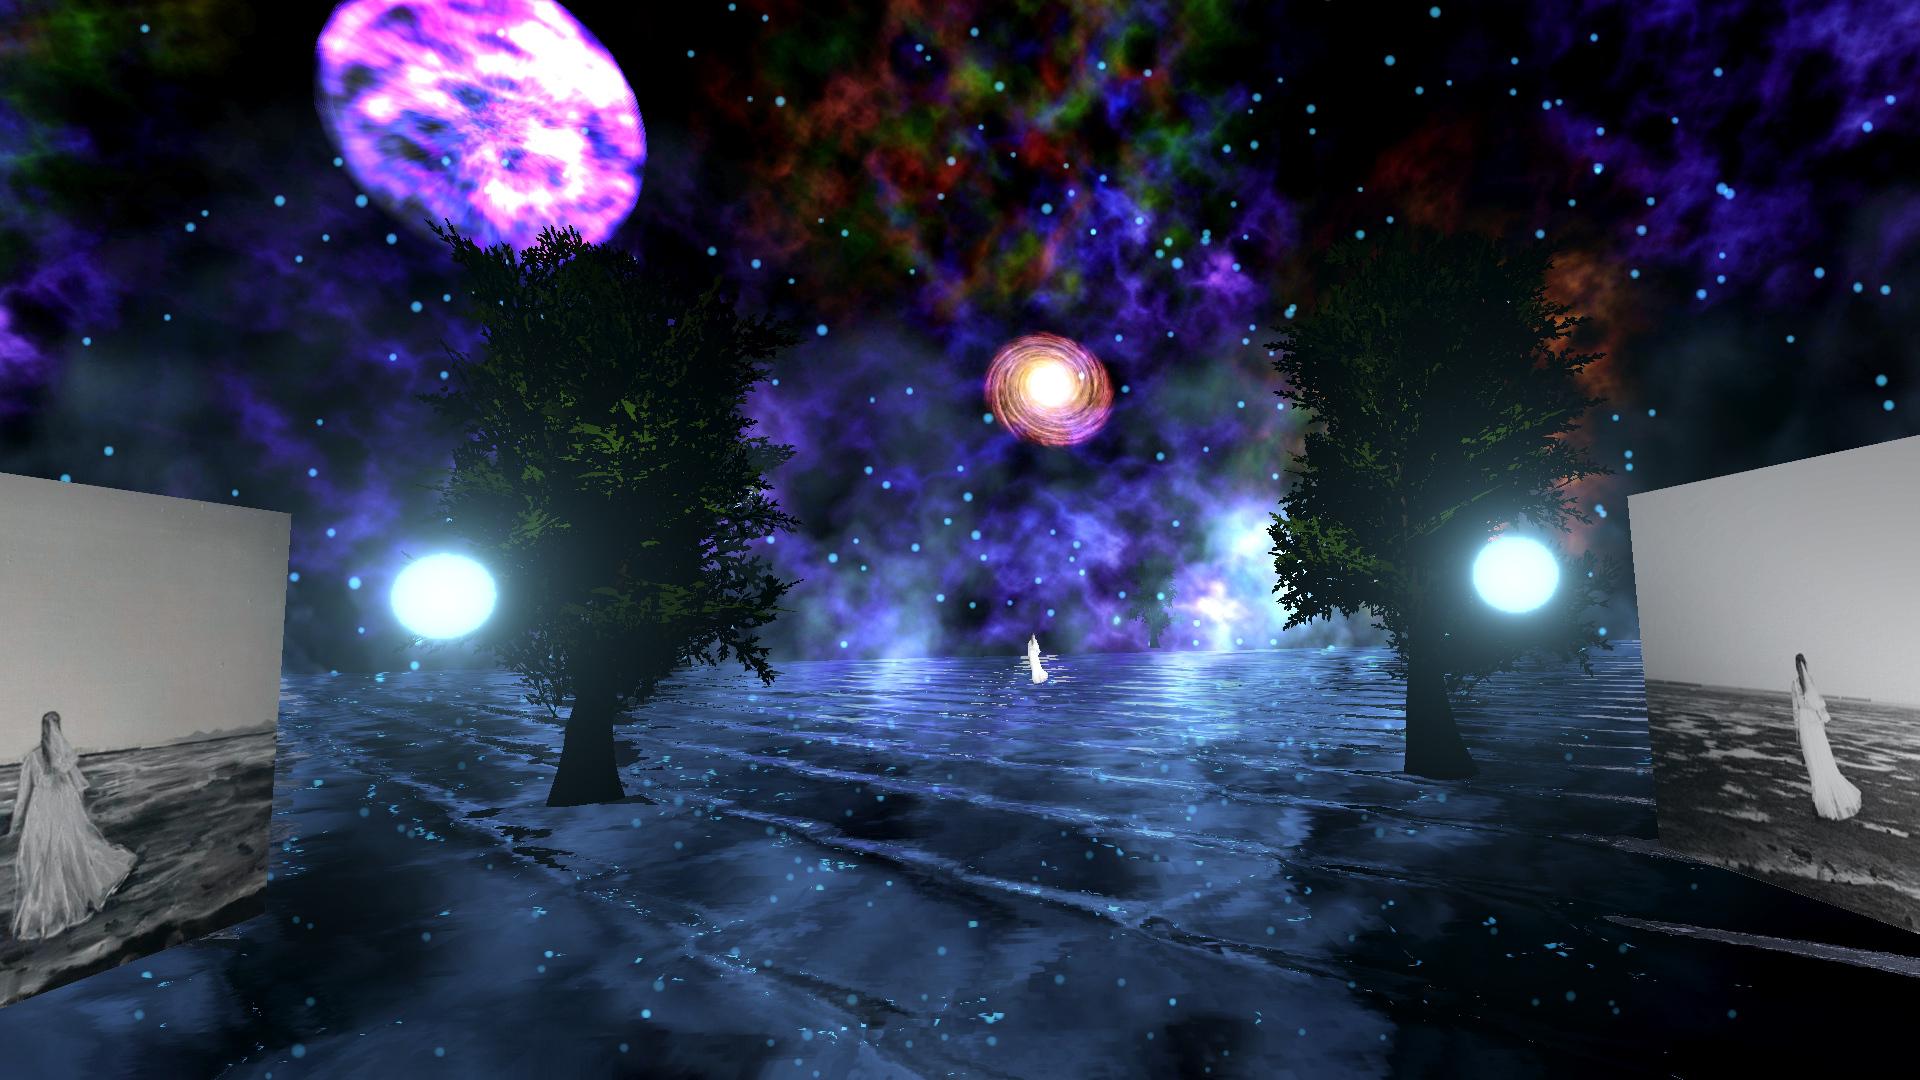 Sal Moreno - Cosmic Escape